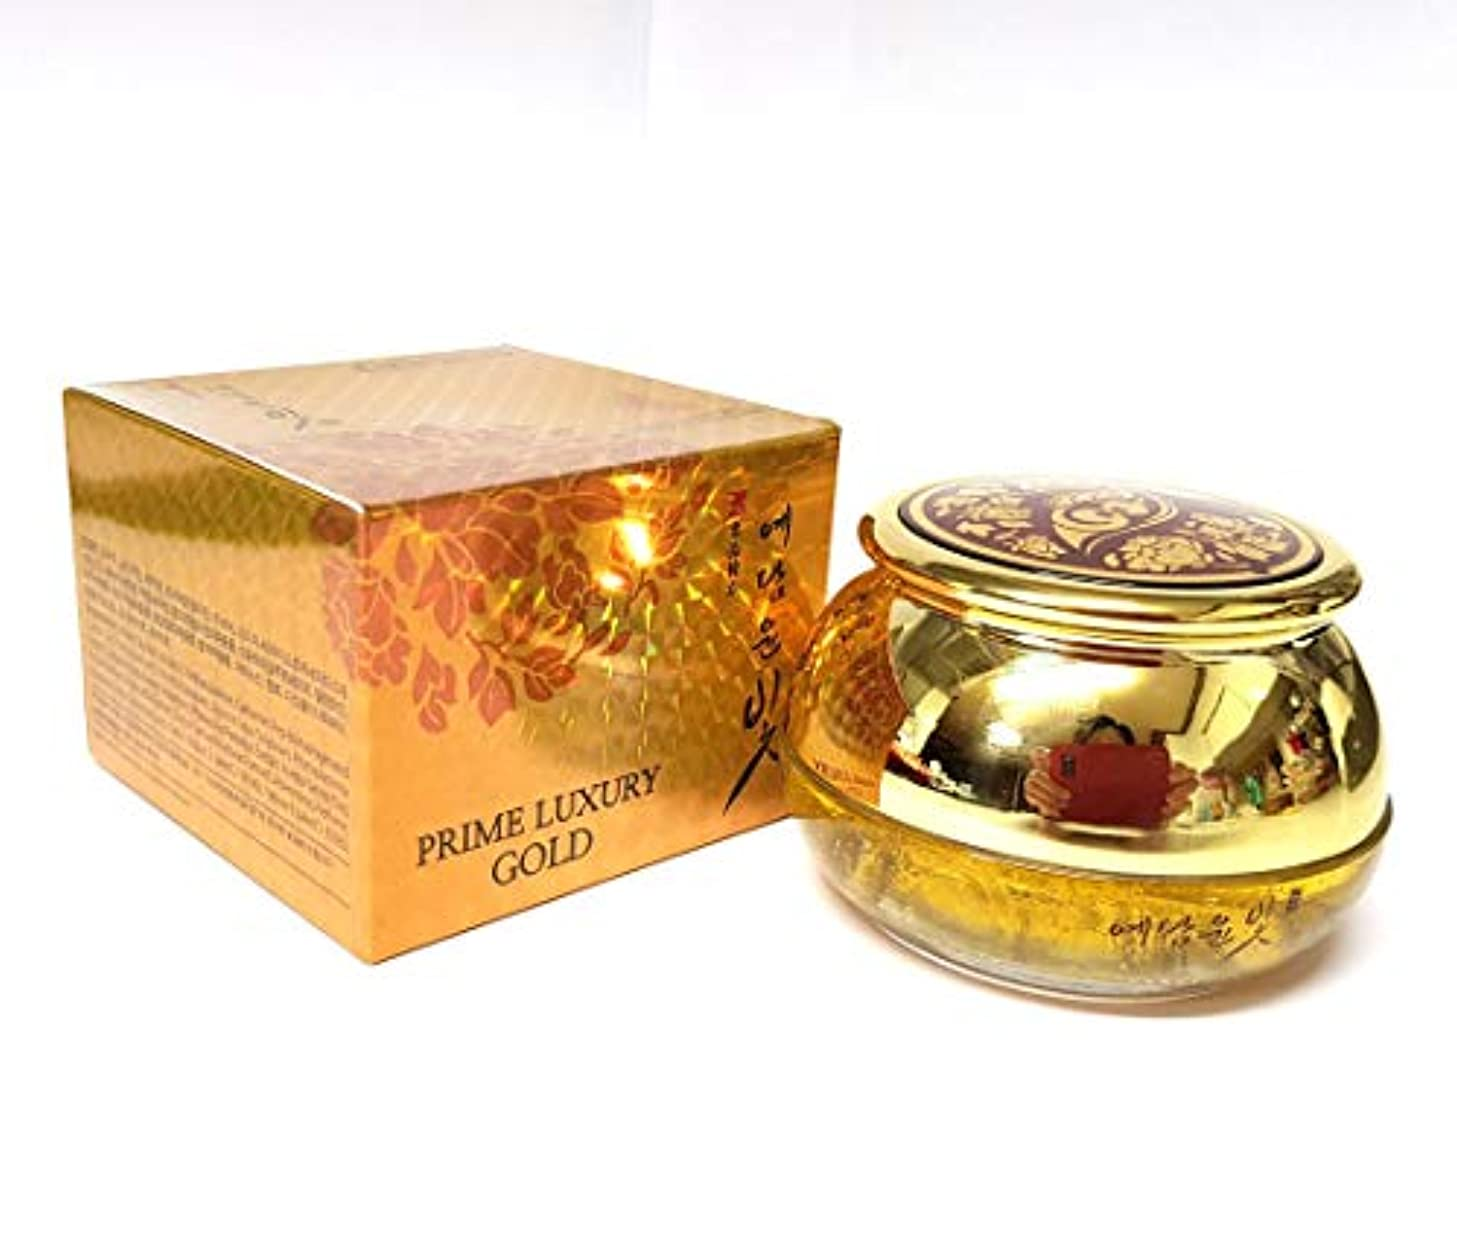 昇る社会主義者年金受給者[YEDAM YUNBIT] プライムラグジュアリーゴールドリフティングクリーム50g/ Prime Luxury Gold Lifting Cream 50g /ゴールドエキス/gold extract/しわ改善、保湿...